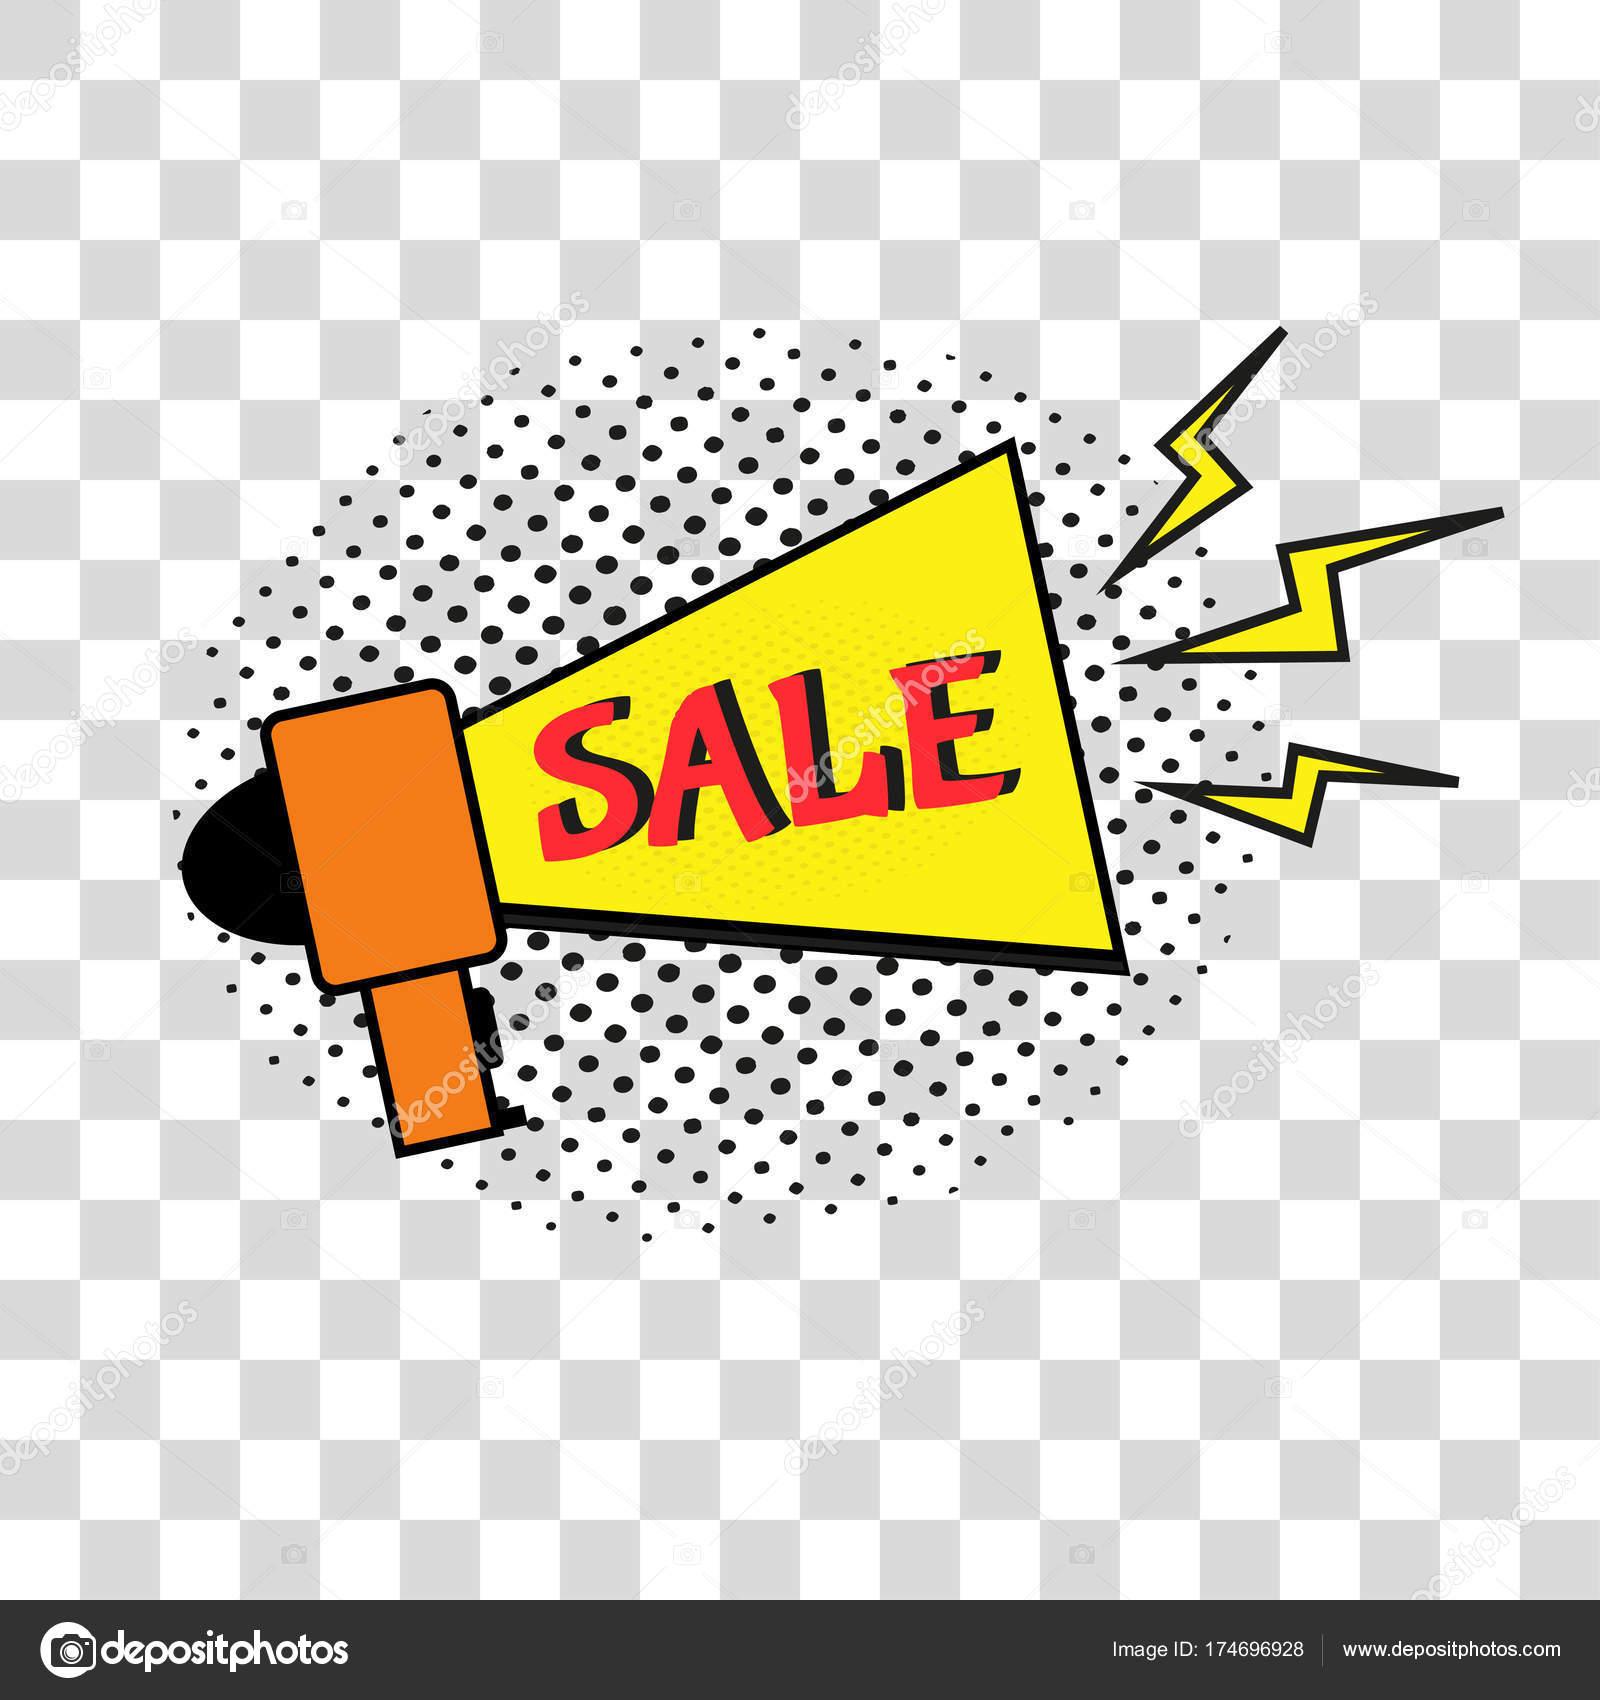 Verkauf Comic Text Sprache Promo Blase Satz Vektor Angebot Vorlage